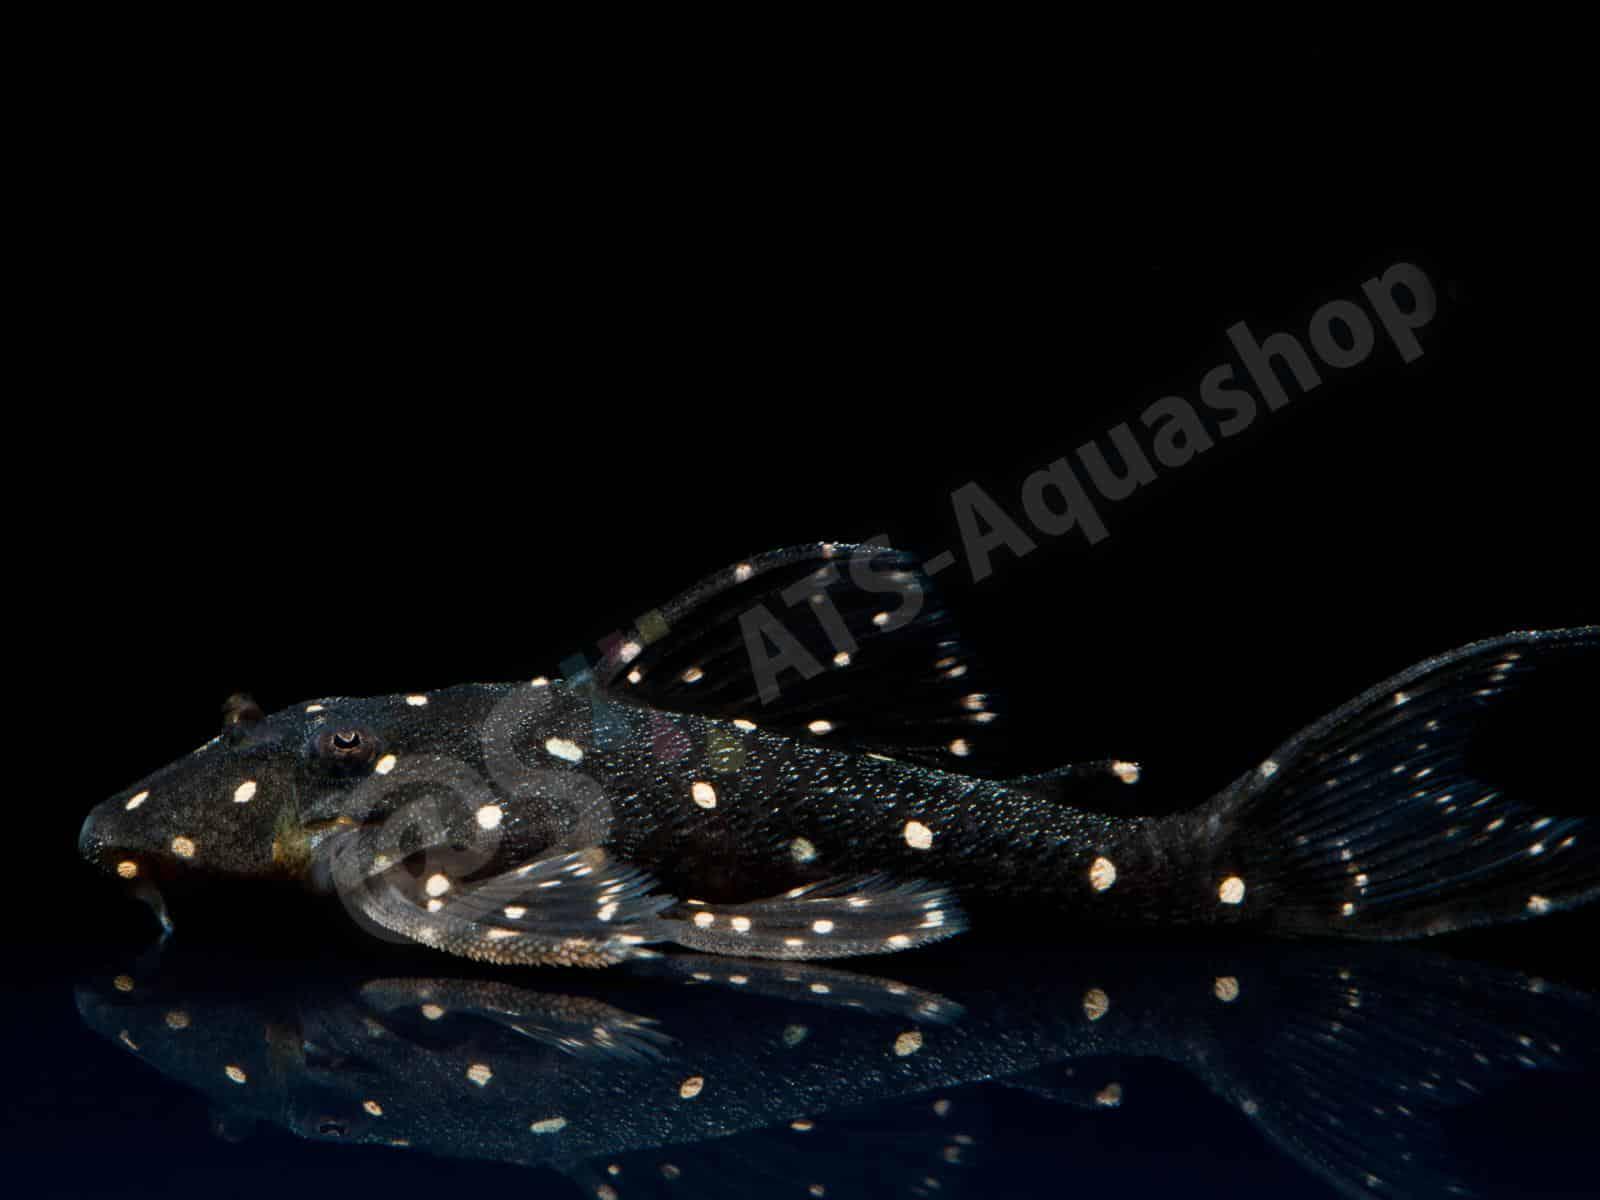 panaqolus albomaculatus lda 31 enrico richter 0281 7